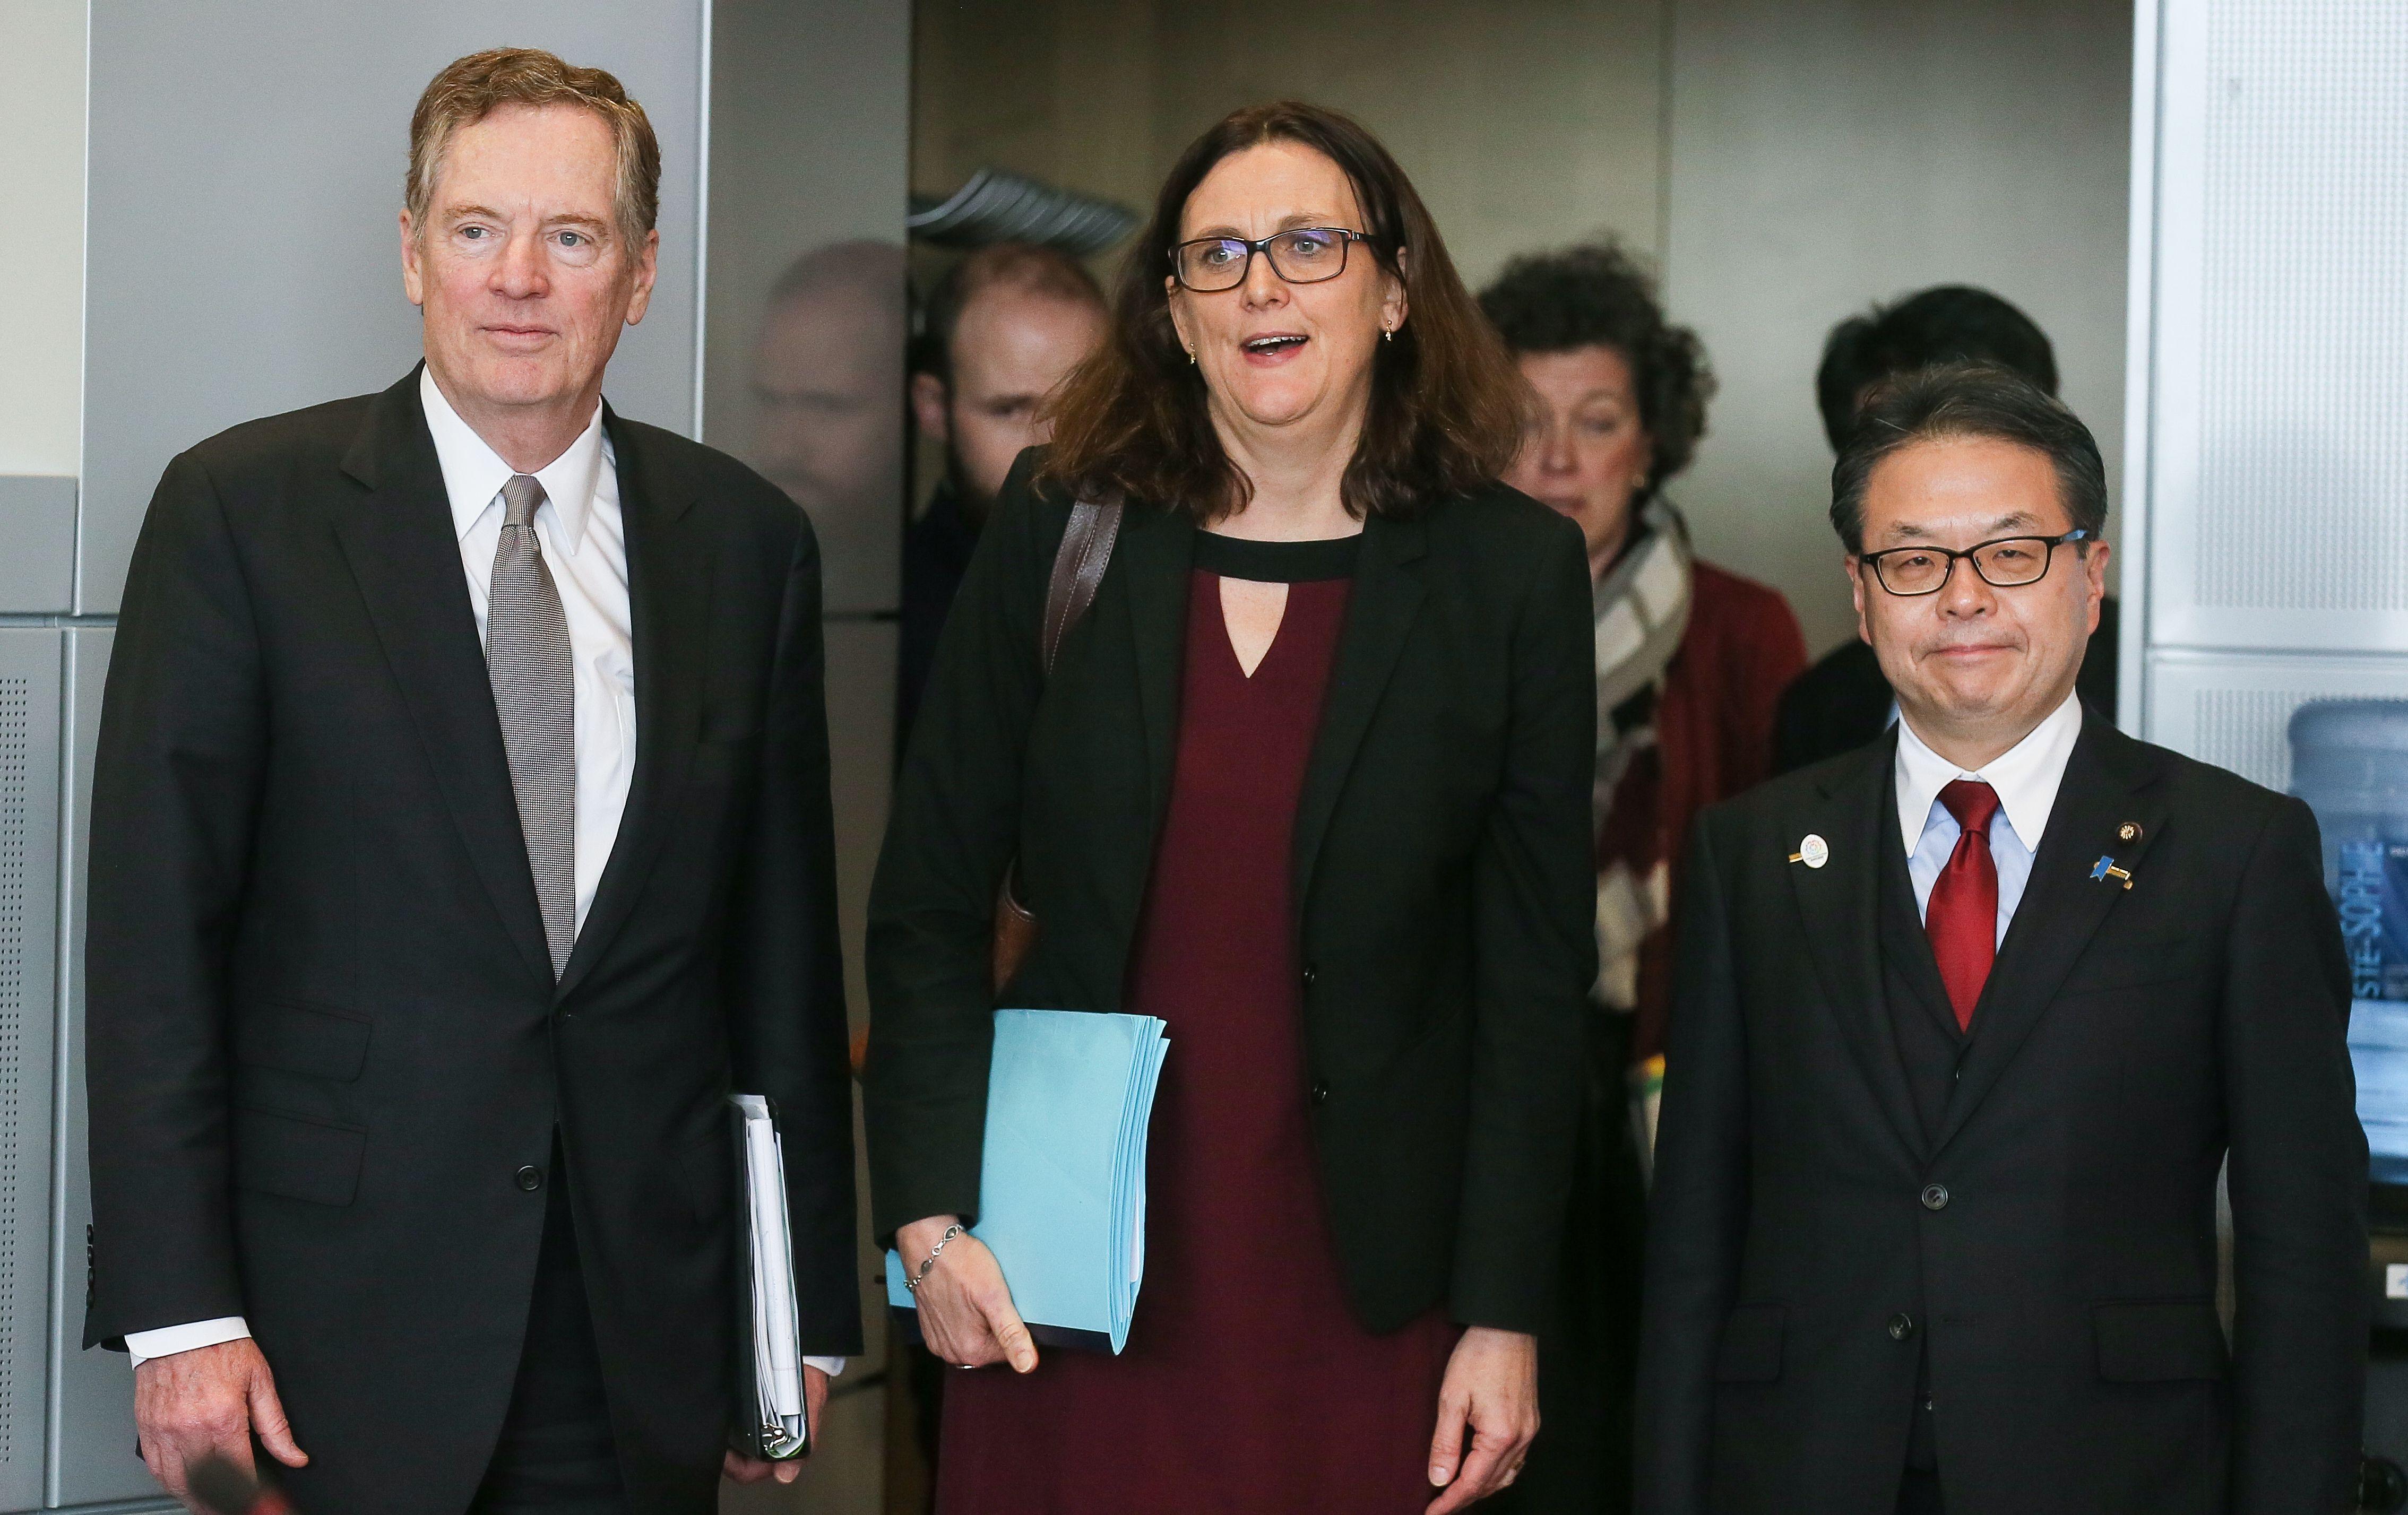 今年9月,美國、歐盟和日本發表聯合聲明暗批中共。圖為歐洲貿易專員Cecilia Malmstrom(中),美國貿易代表萊特希澤(左)和日本經濟部長Hiroshige Seko於2018年3月在歐盟委員會布魯塞爾總部開會。(STEPHANIE LECOCQ/AFP/Getty Images)